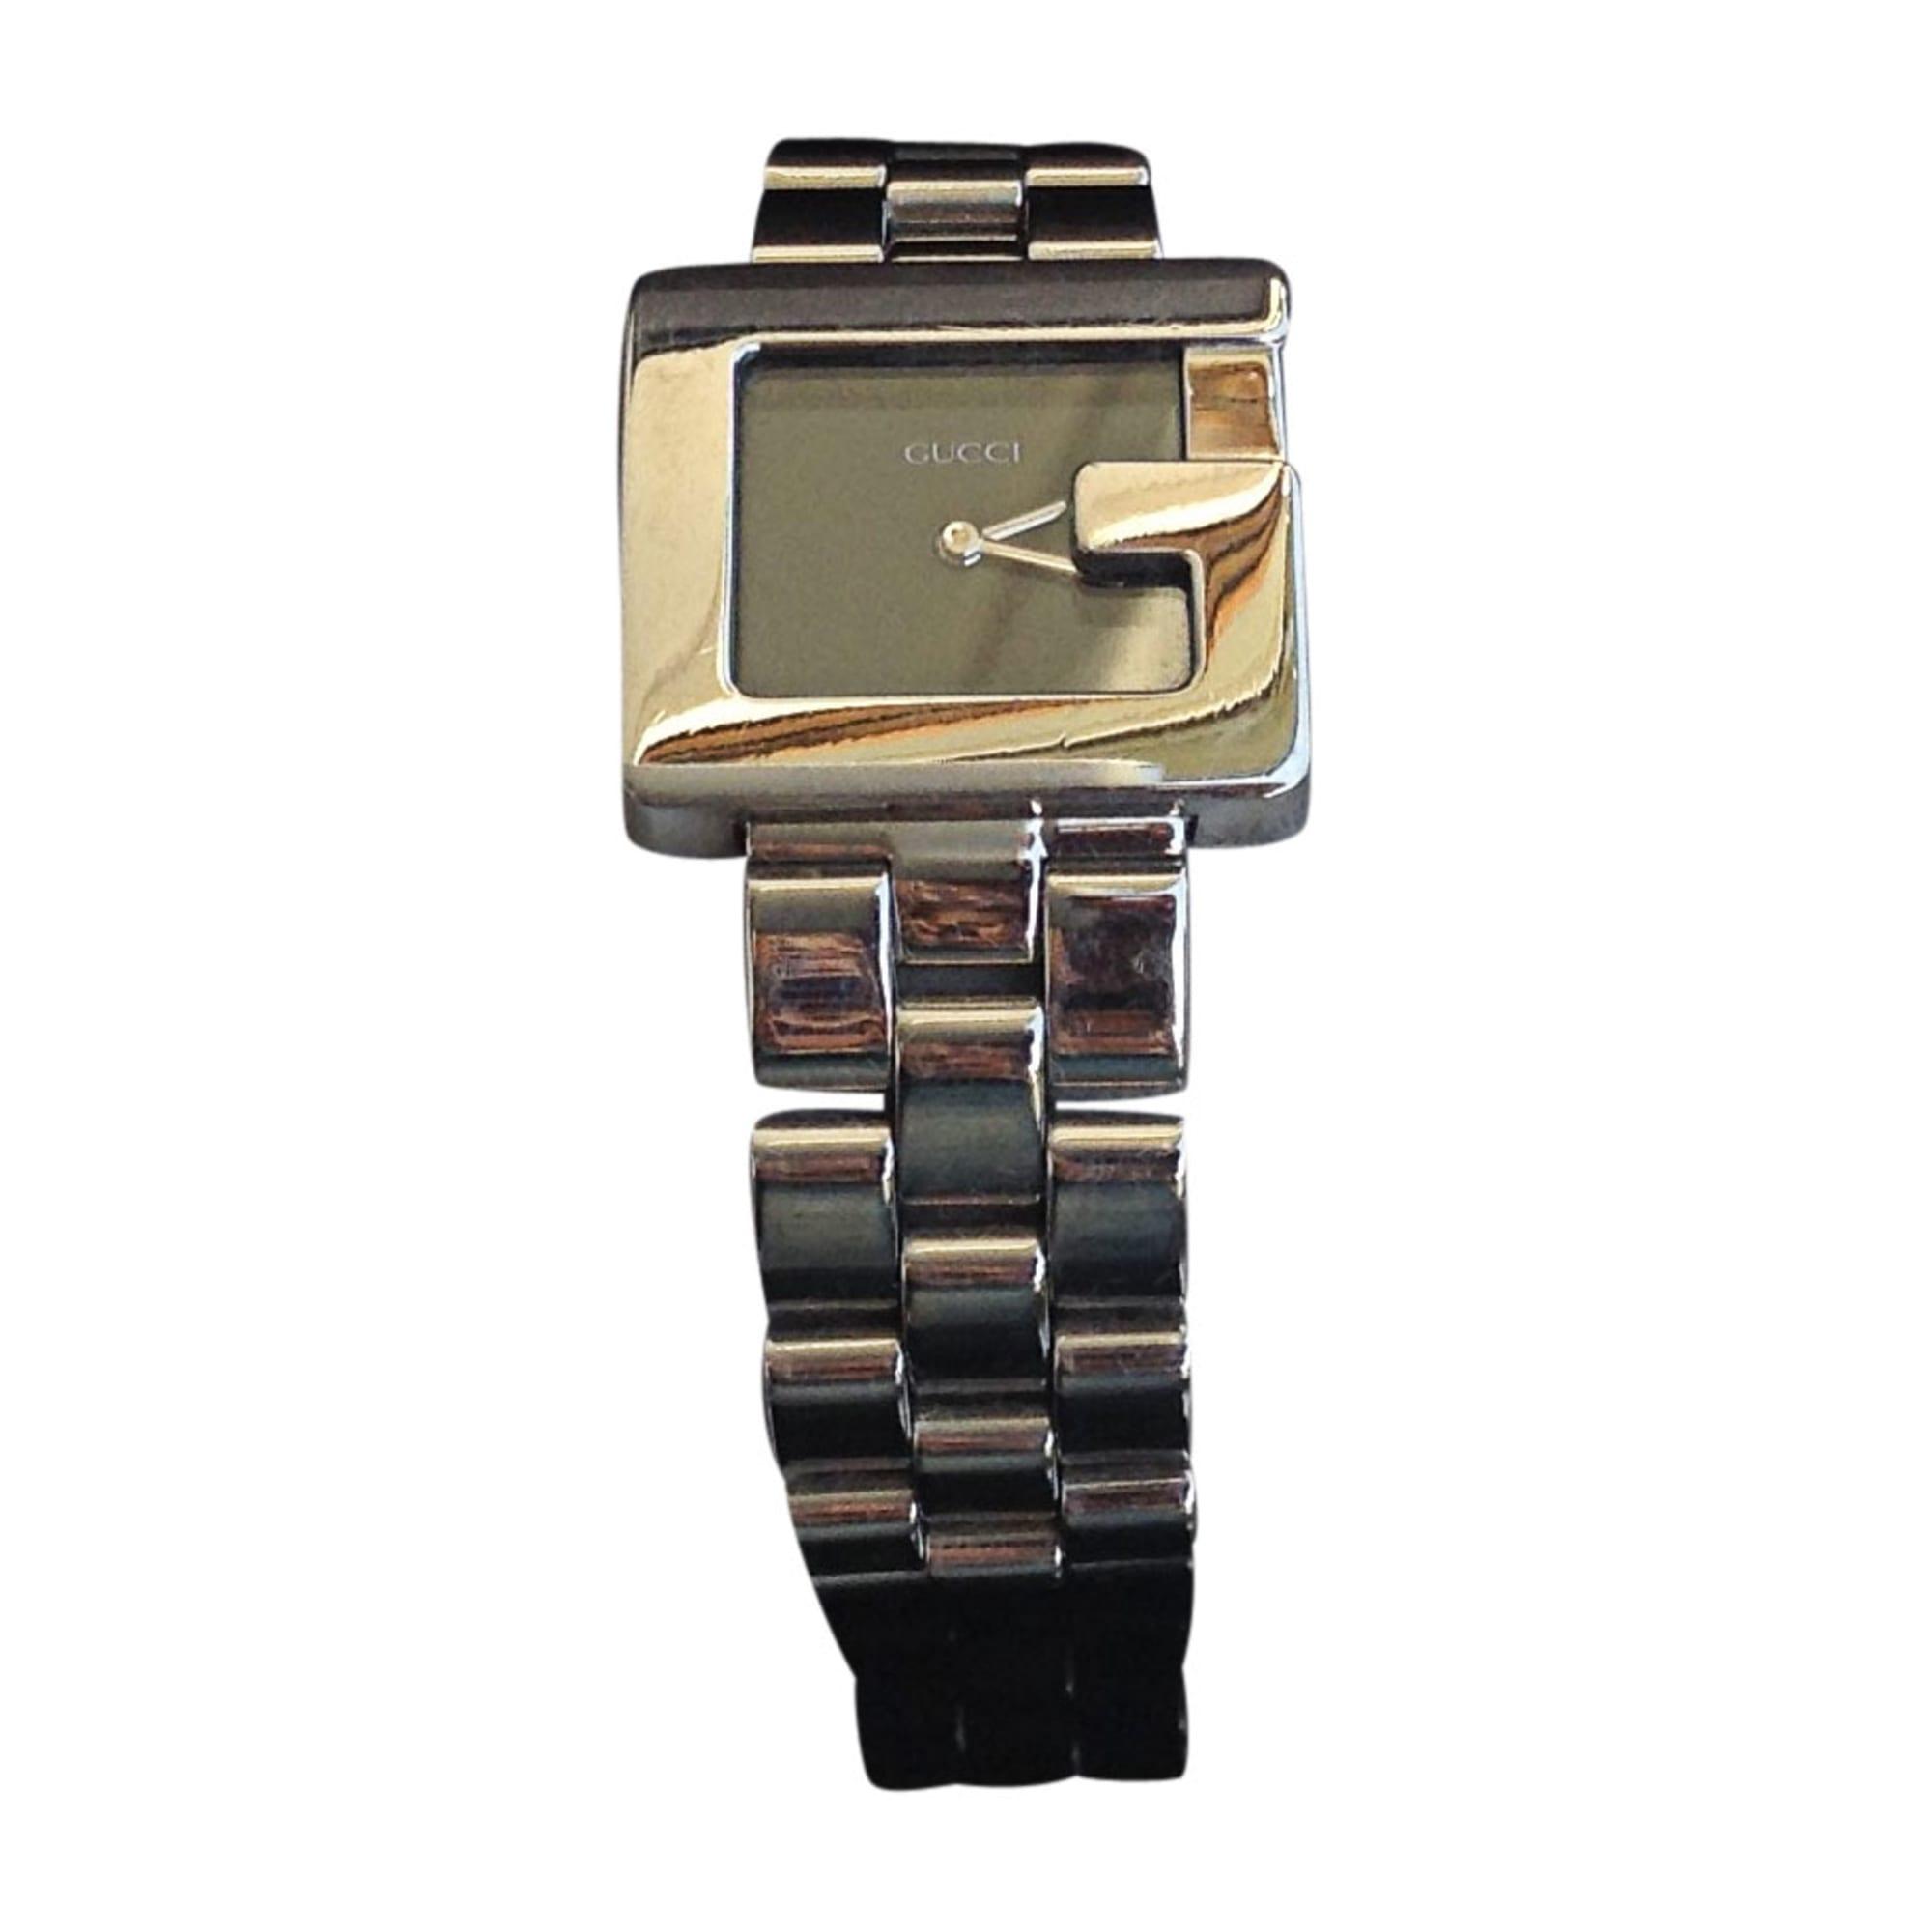 85a810e517a3 Montre au poignet GUCCI argenté vendu par Enjoybijou - 6740226